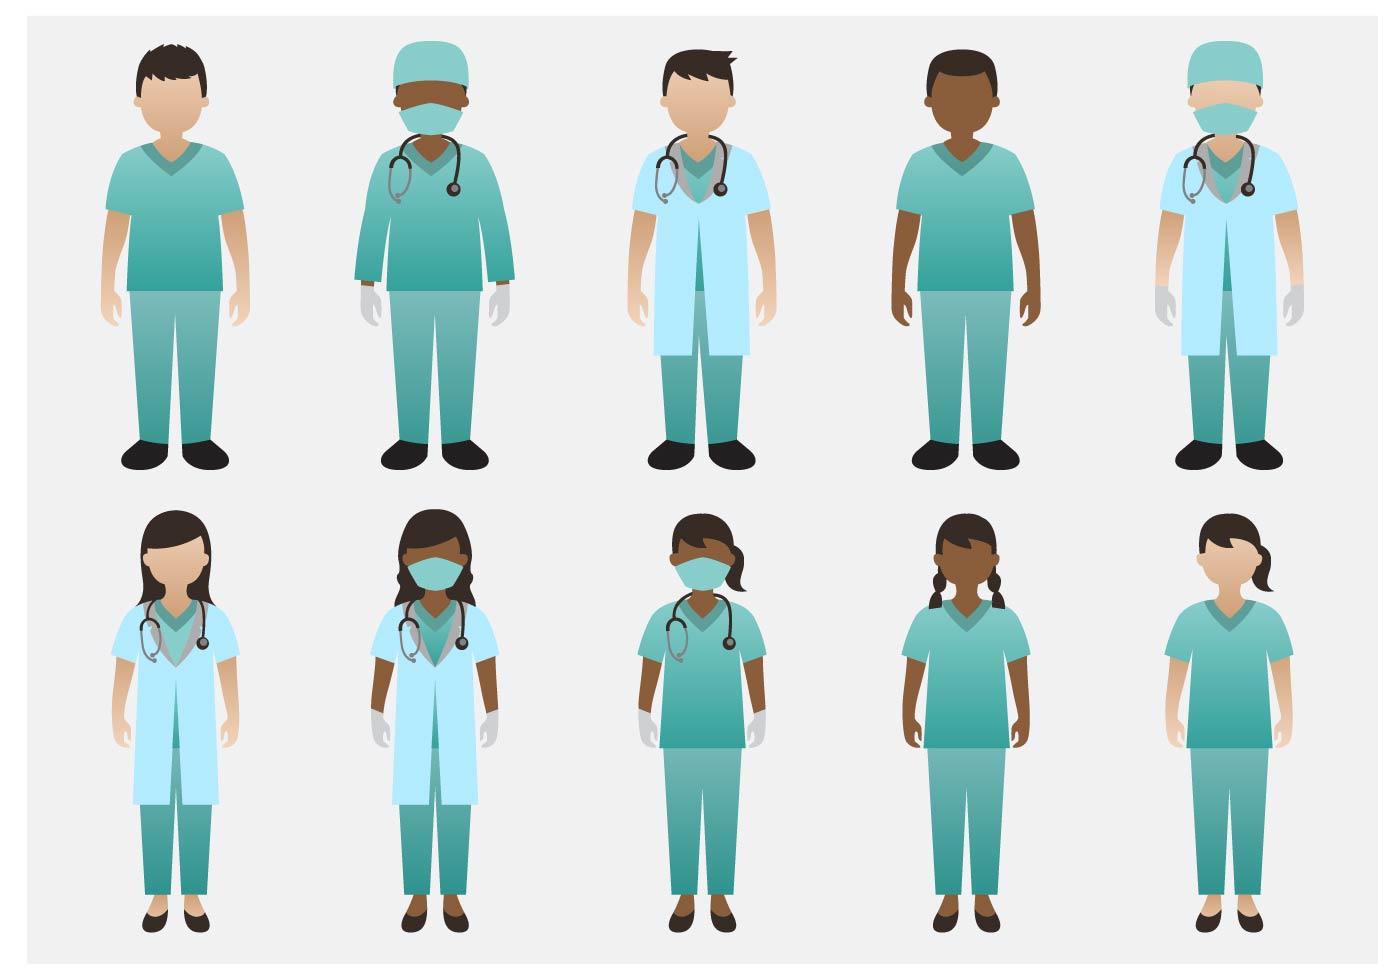 1400x980 Best Er Nurse Wallpaper On Hipwallpaper Unique Nurse